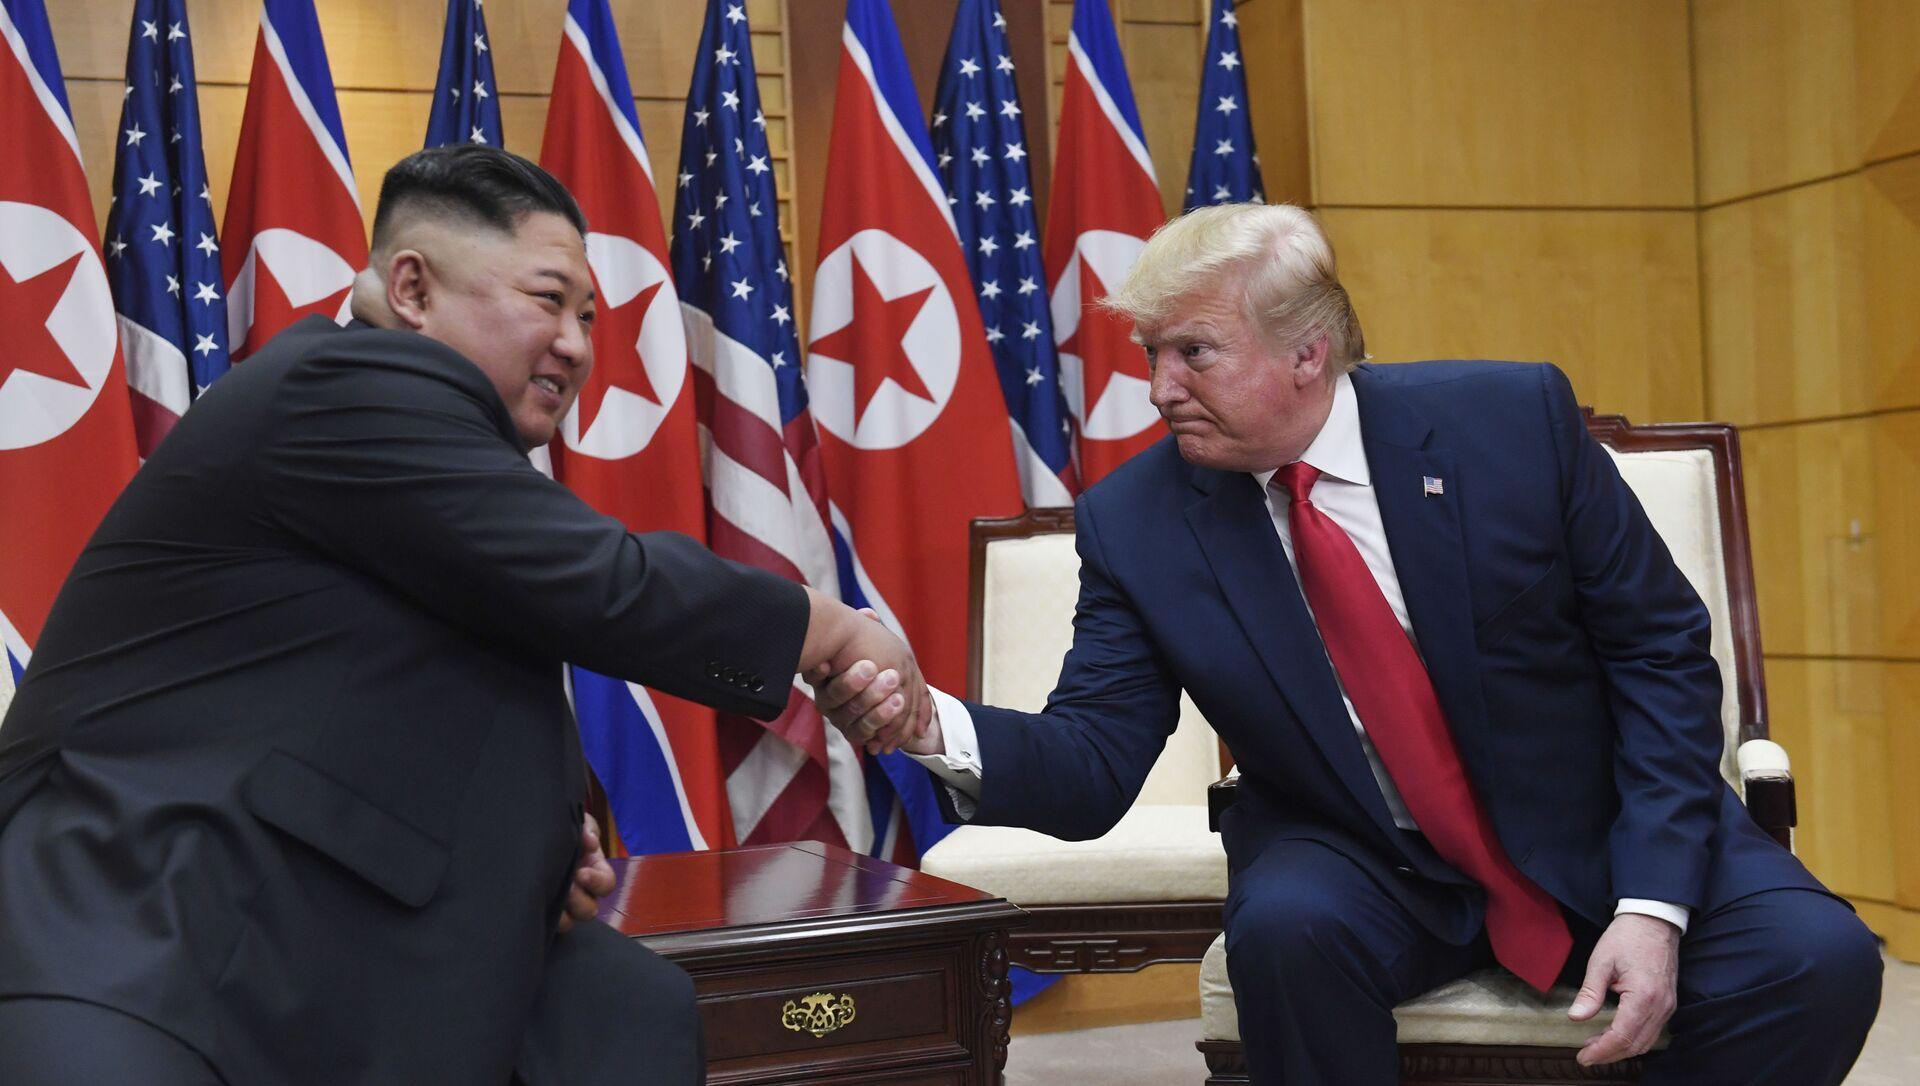 Los líderes norcoreano y estadounidense, Kim Jong-un y Donald Trump - Sputnik Mundo, 1920, 18.03.2021